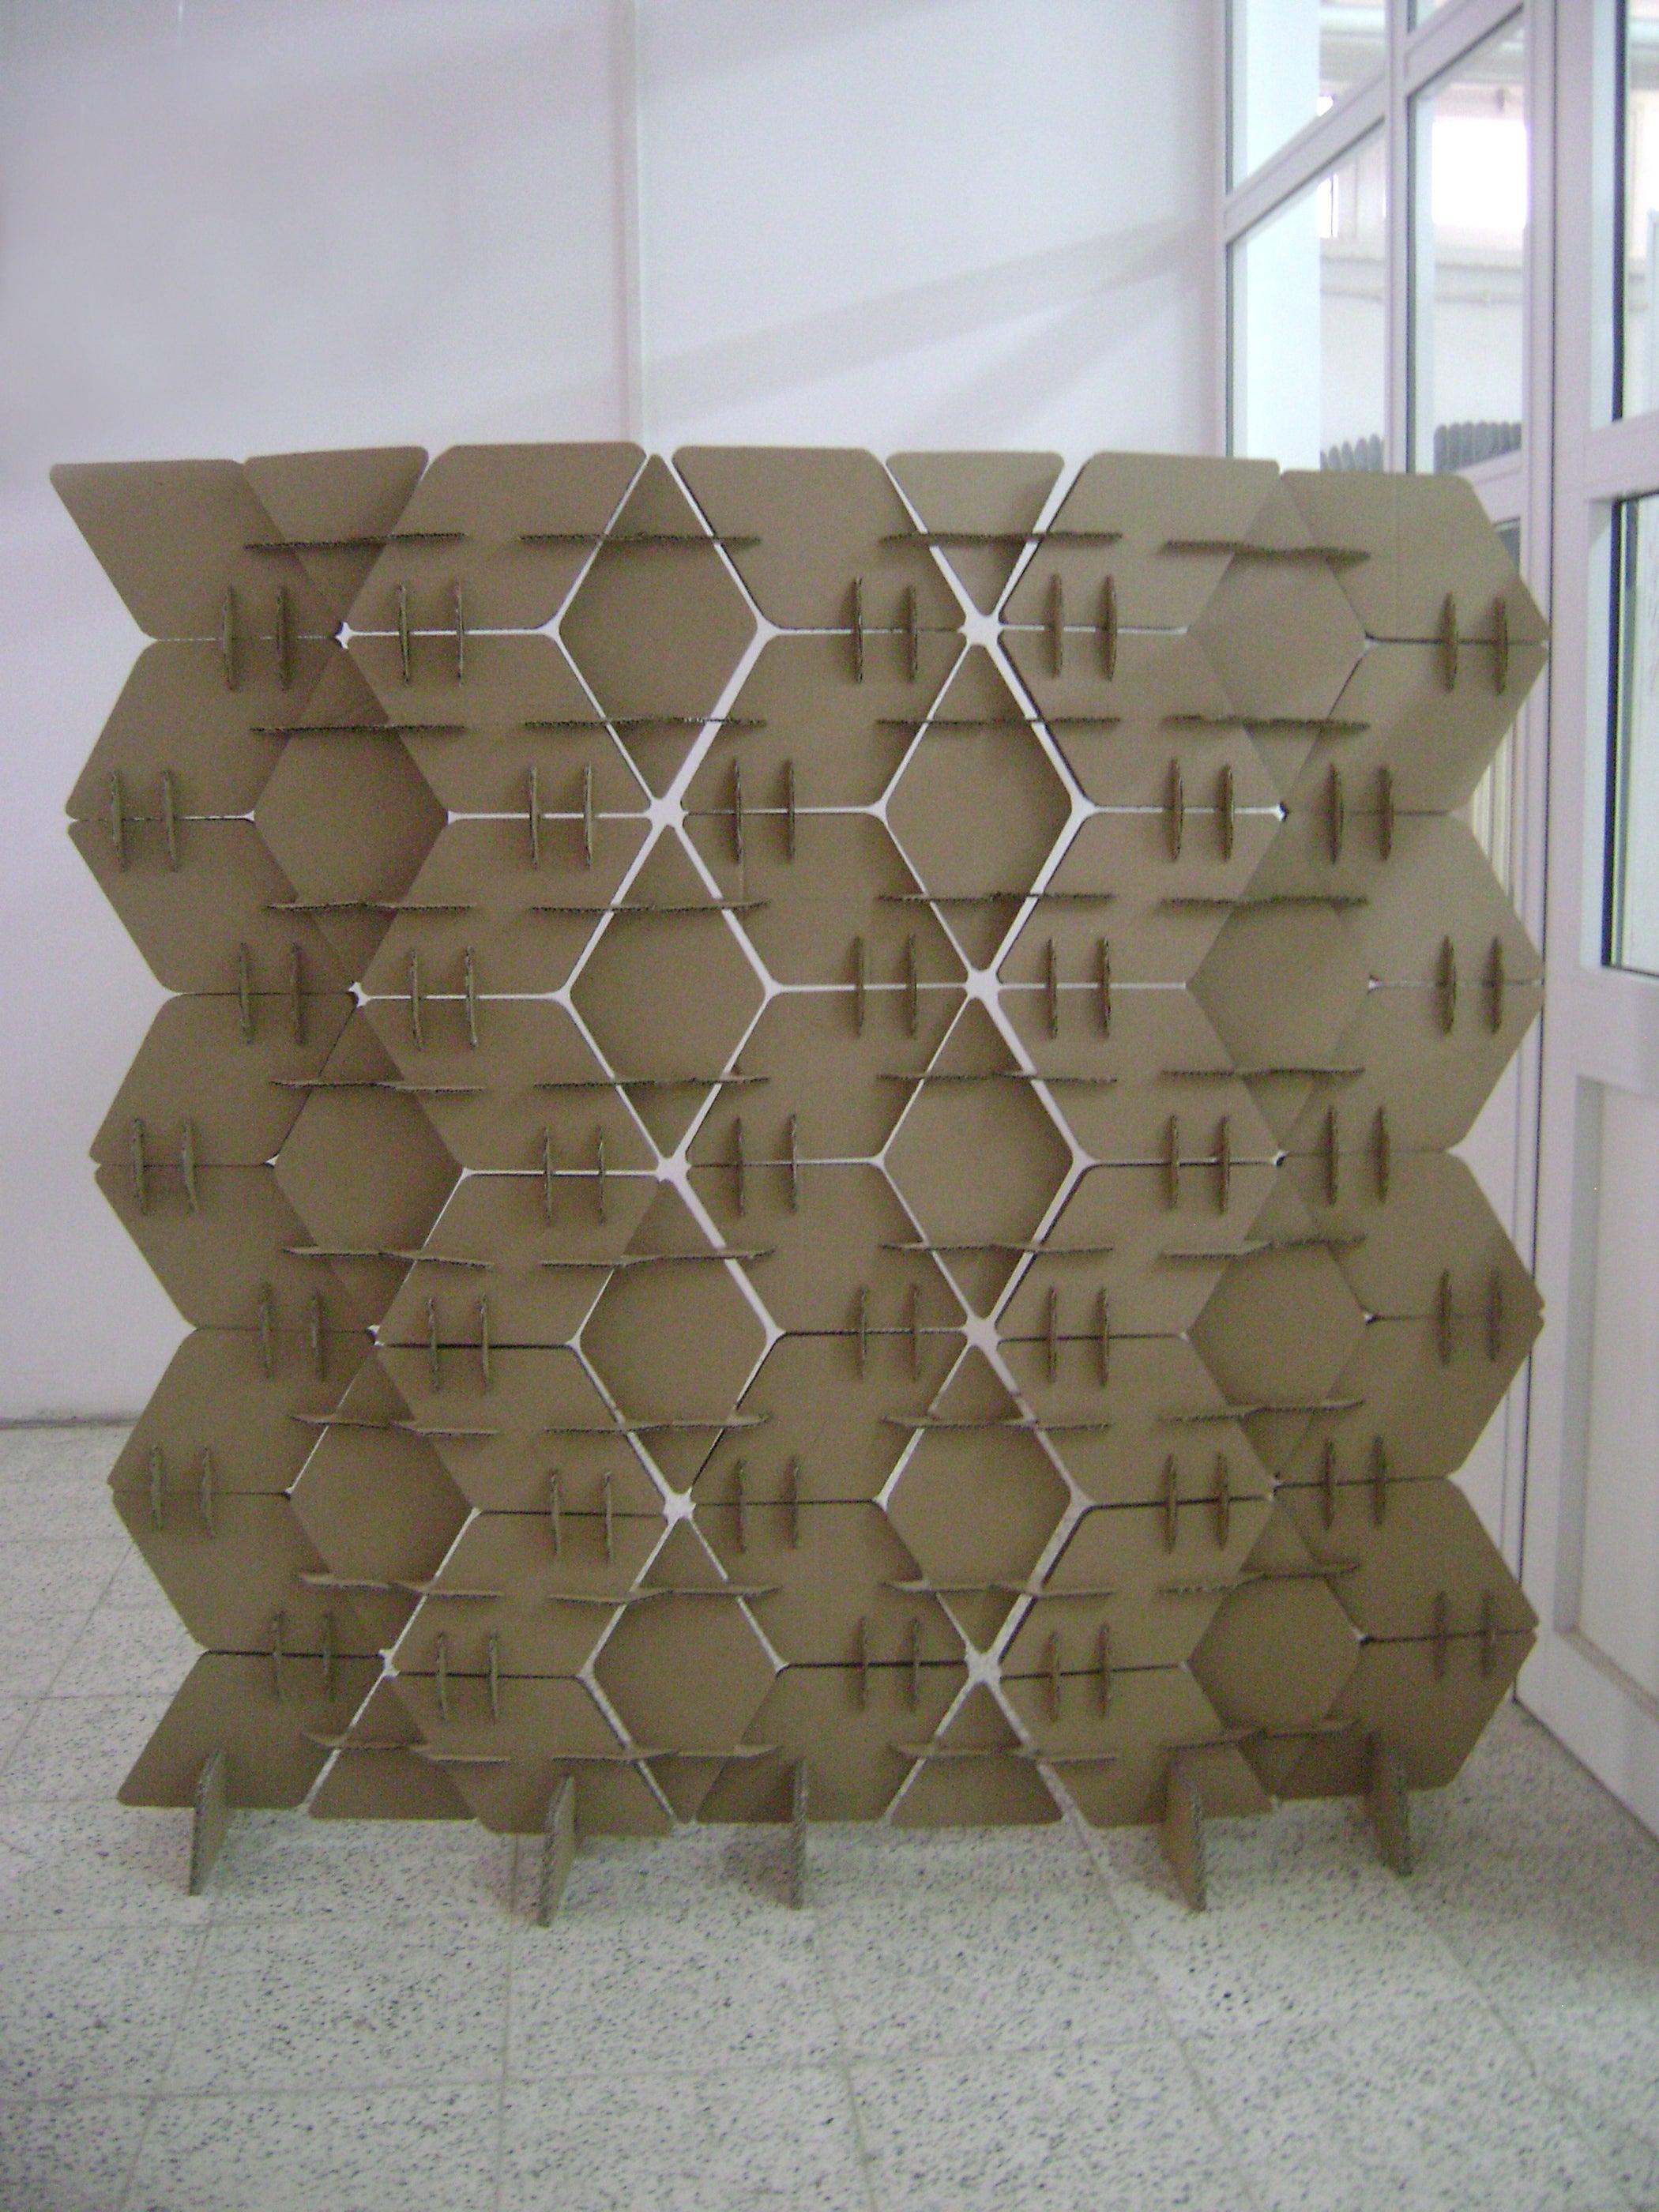 Cardboard Room Divider 6 Steps with